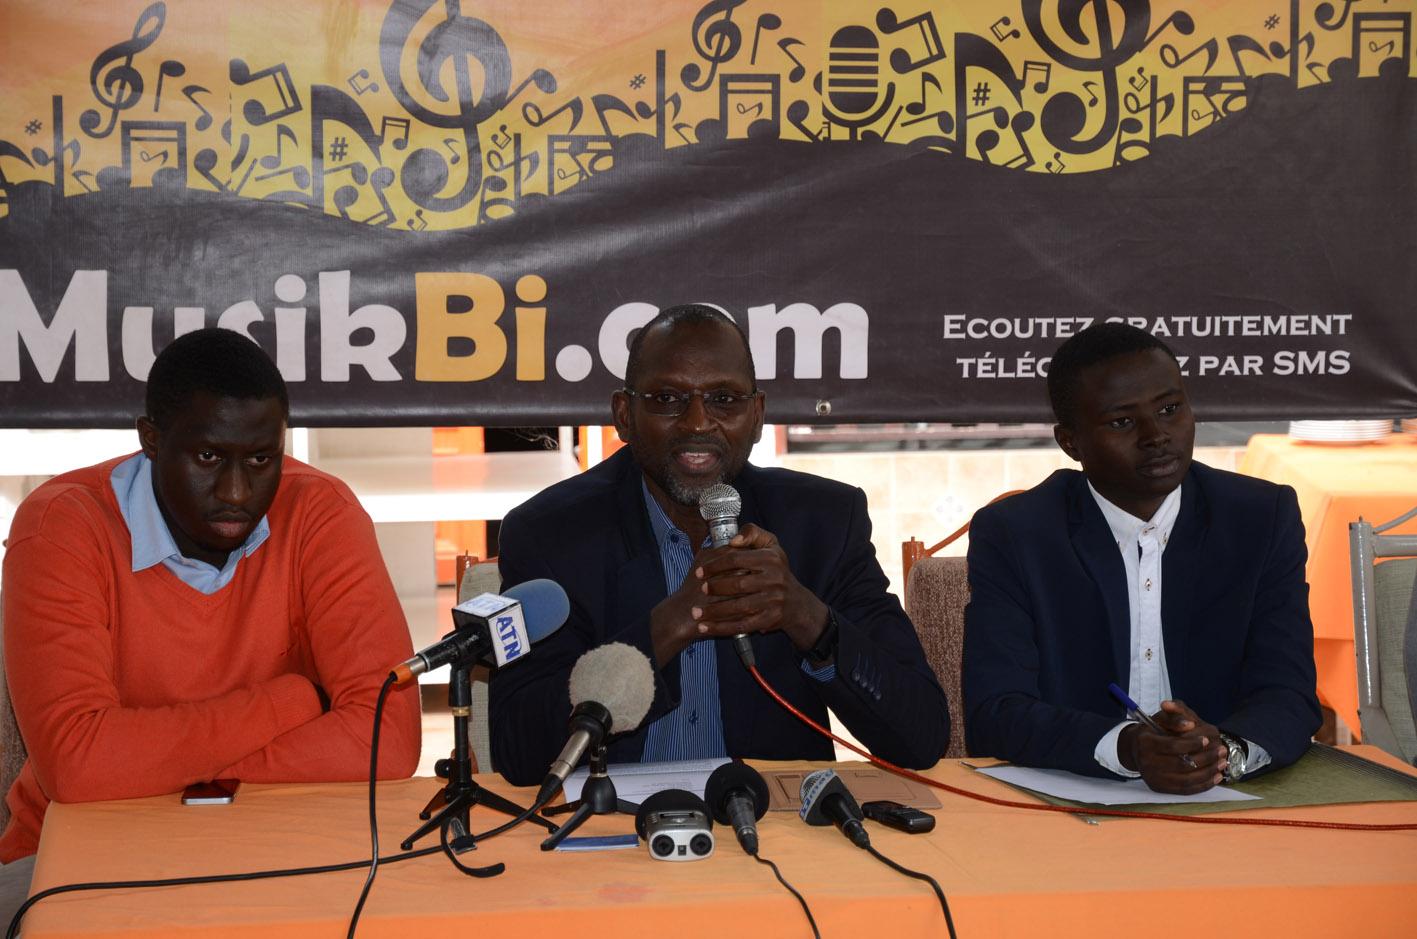 Musikbi: Télécharger légalement de la musique via SMS désormais possible au Sénégal et partout en Afrique